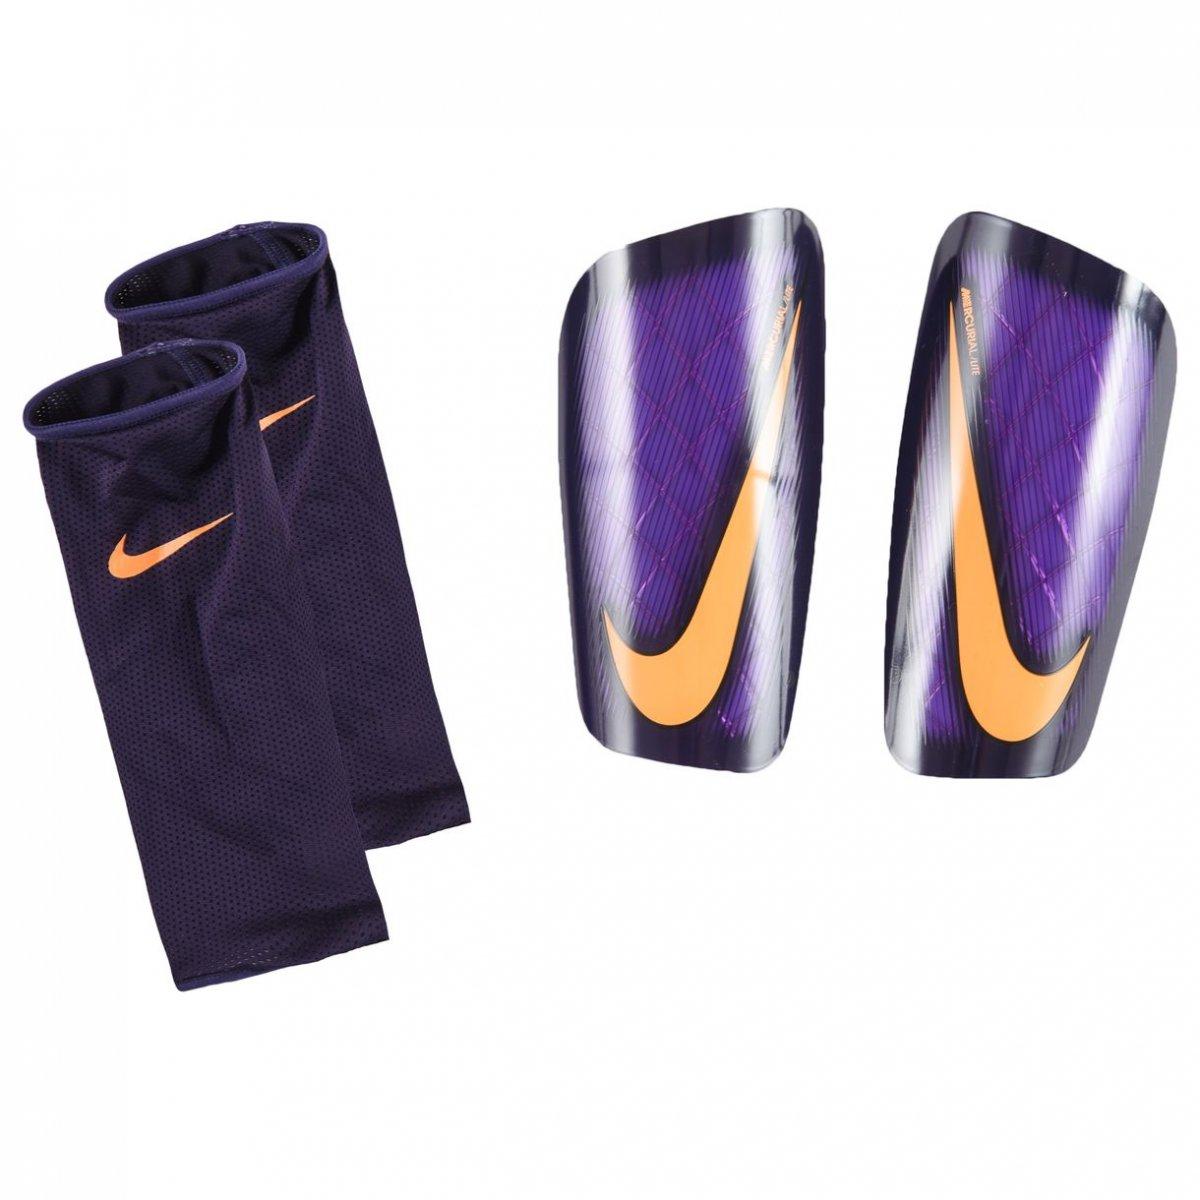 Caneleira Nike Mercurial Lite SP2086-560 Roxo Laranja dc03b11e9d3d6